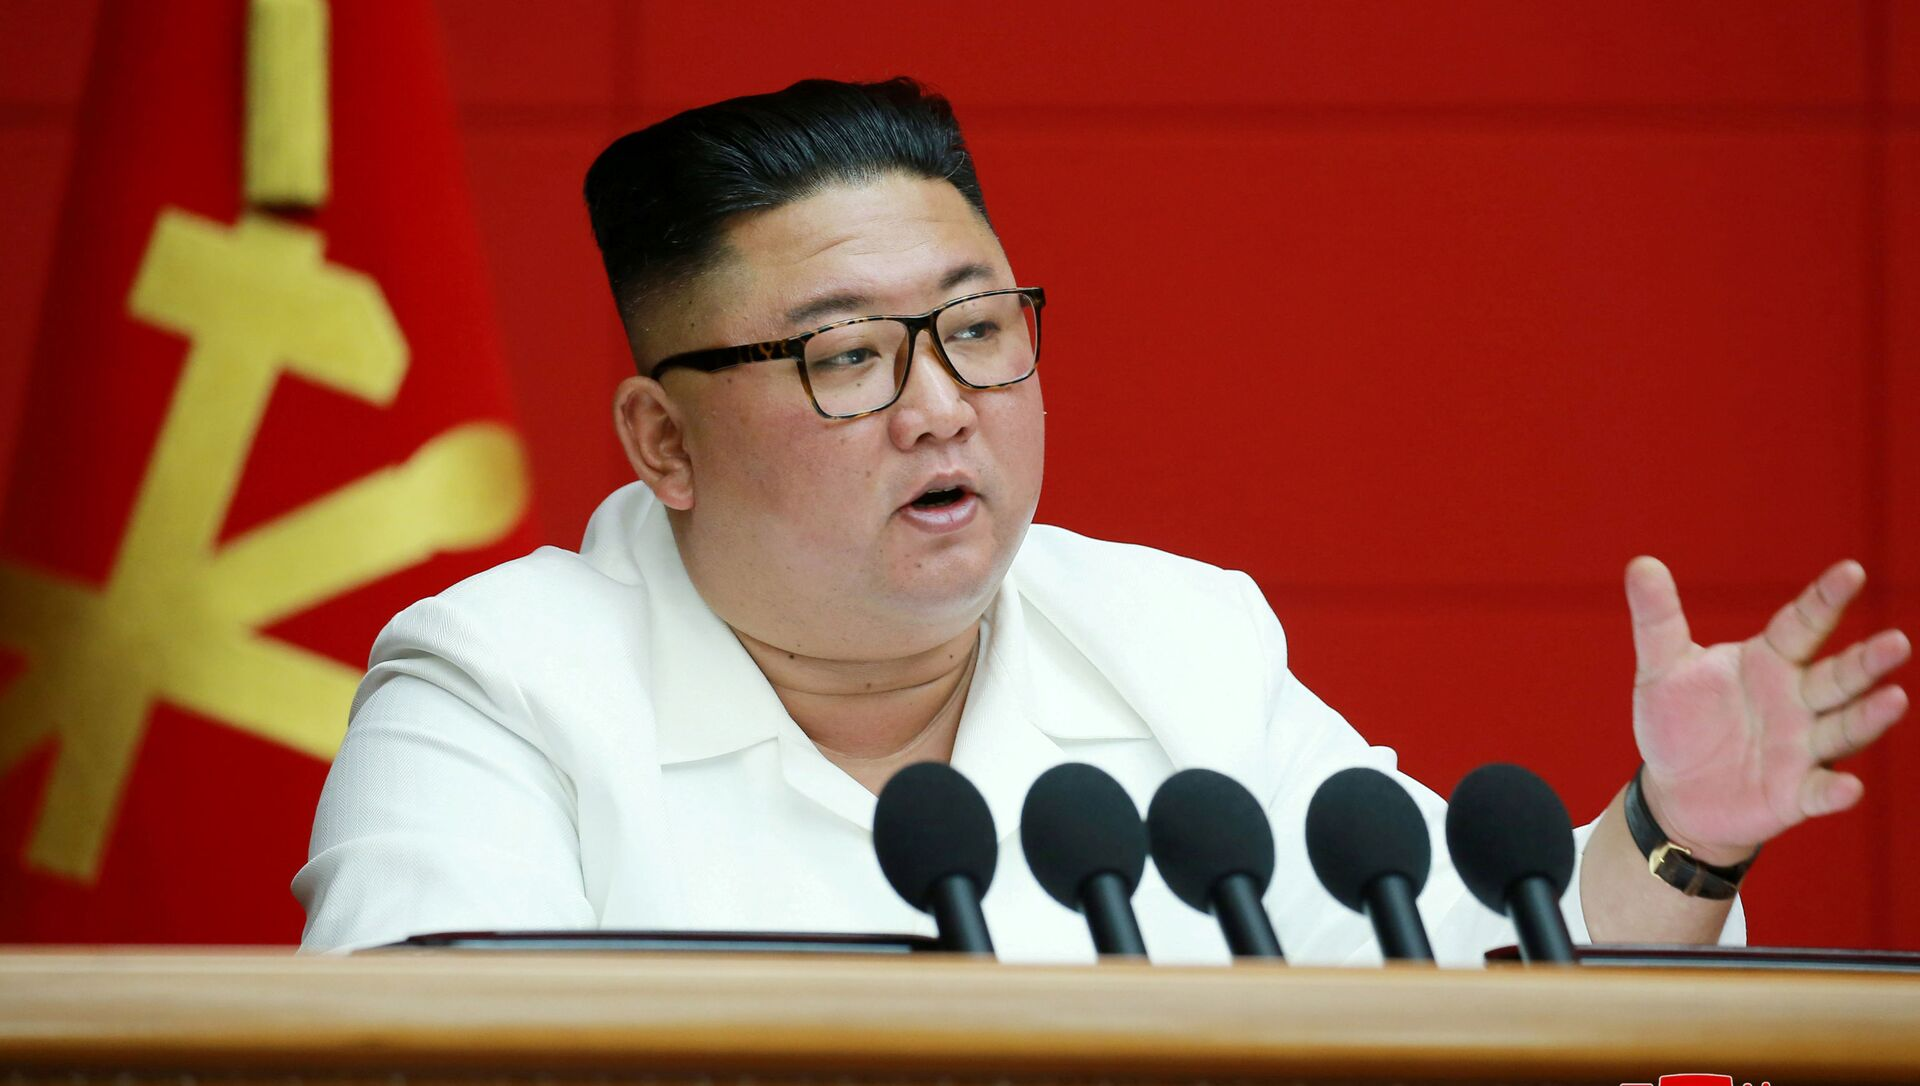 Lãnh đạo CHDCND Triều Tiên Kim Jong-un phát biểu tại cuộc họp toàn thể của Ủy ban Trung ương Đảng Công nhân Hàn Quốc - Sputnik Việt Nam, 1920, 18.05.2021